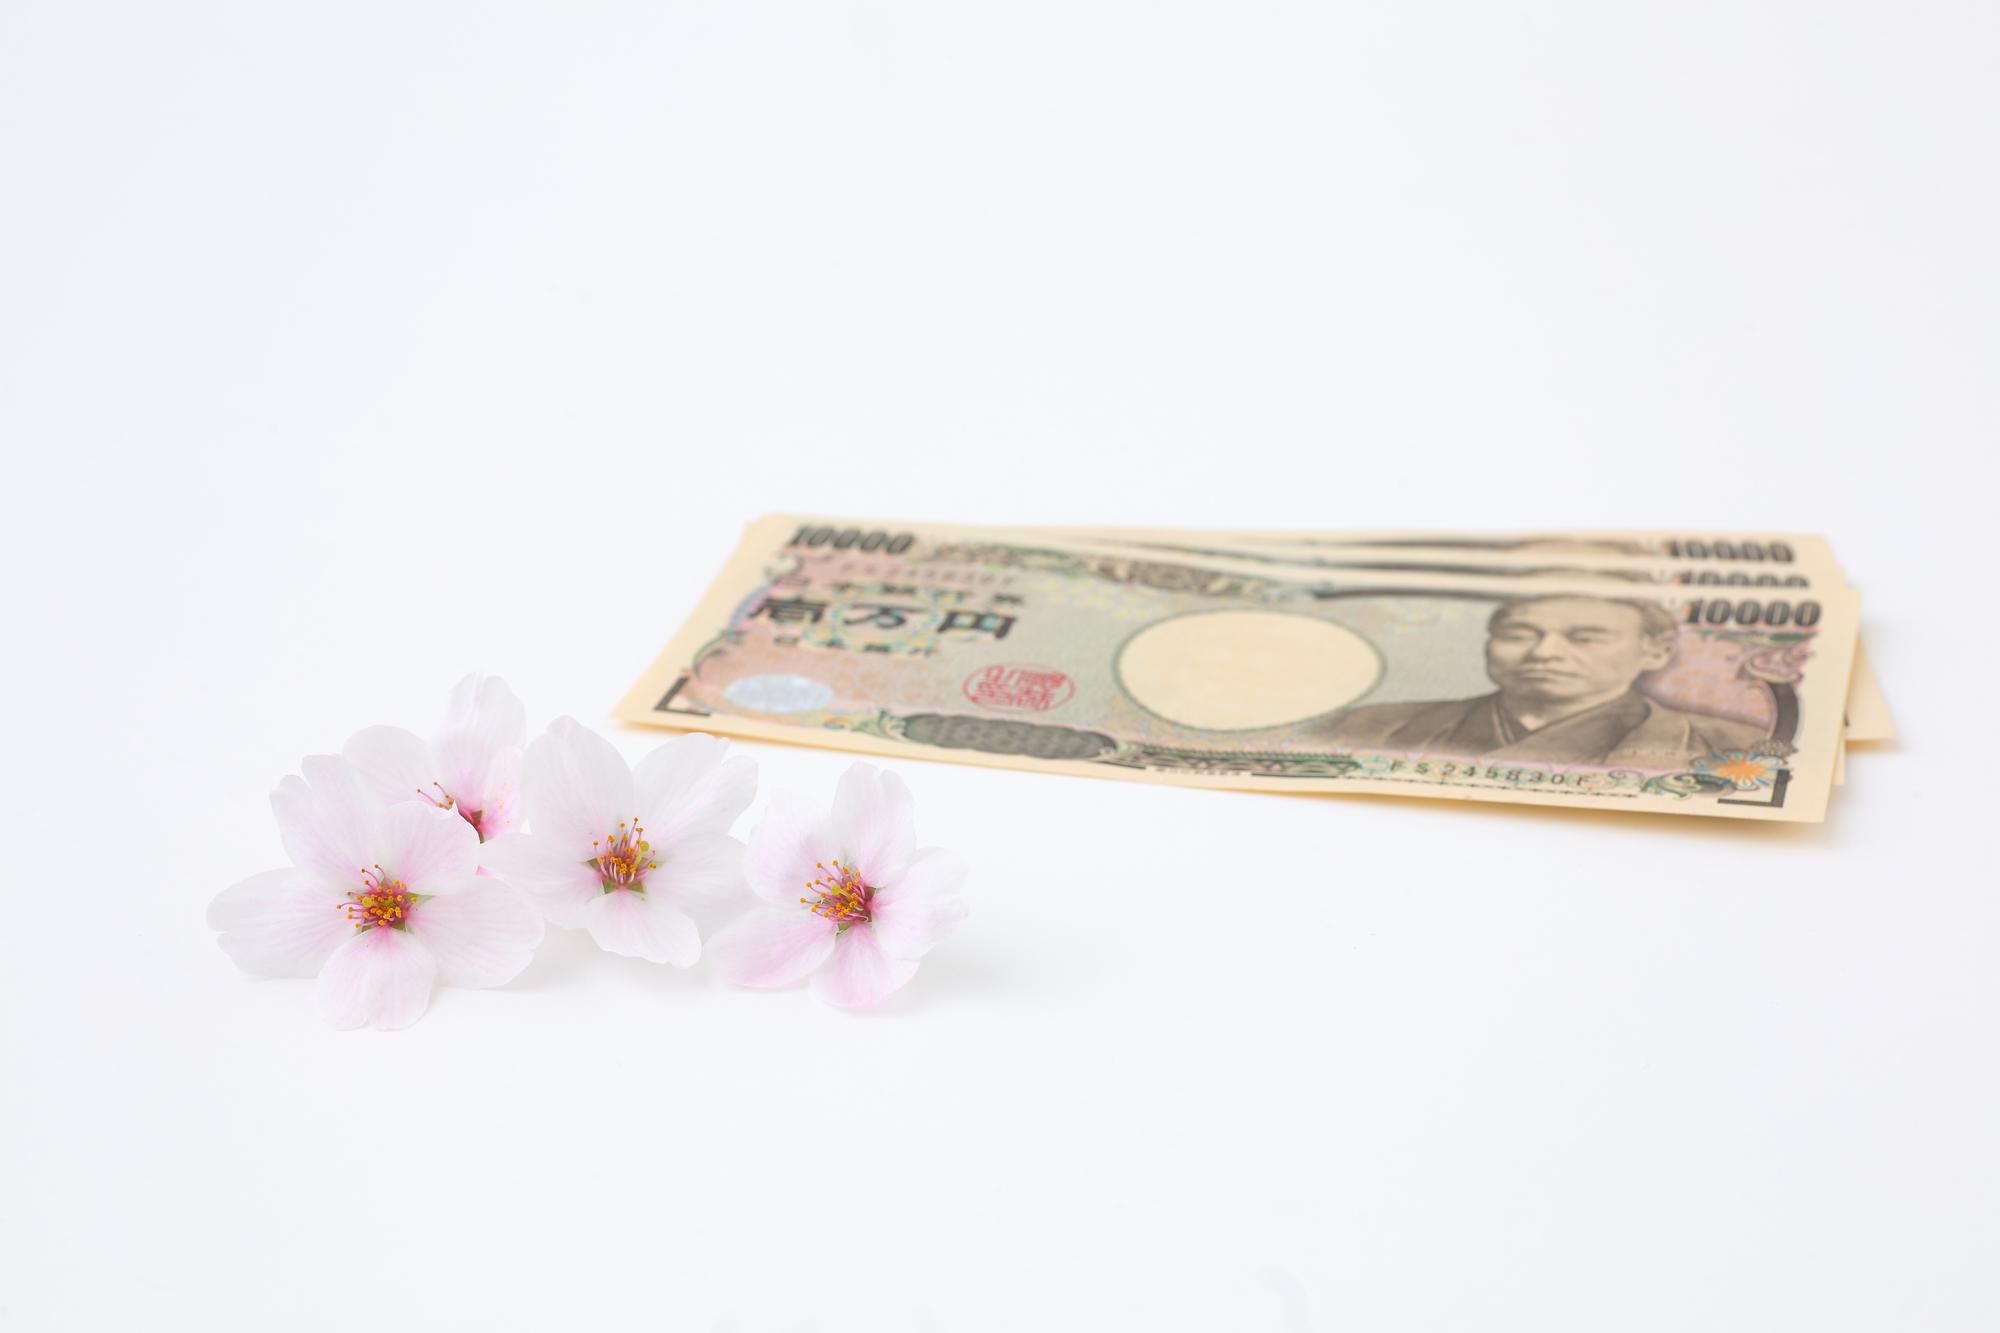 桜とお札のイメージ写真